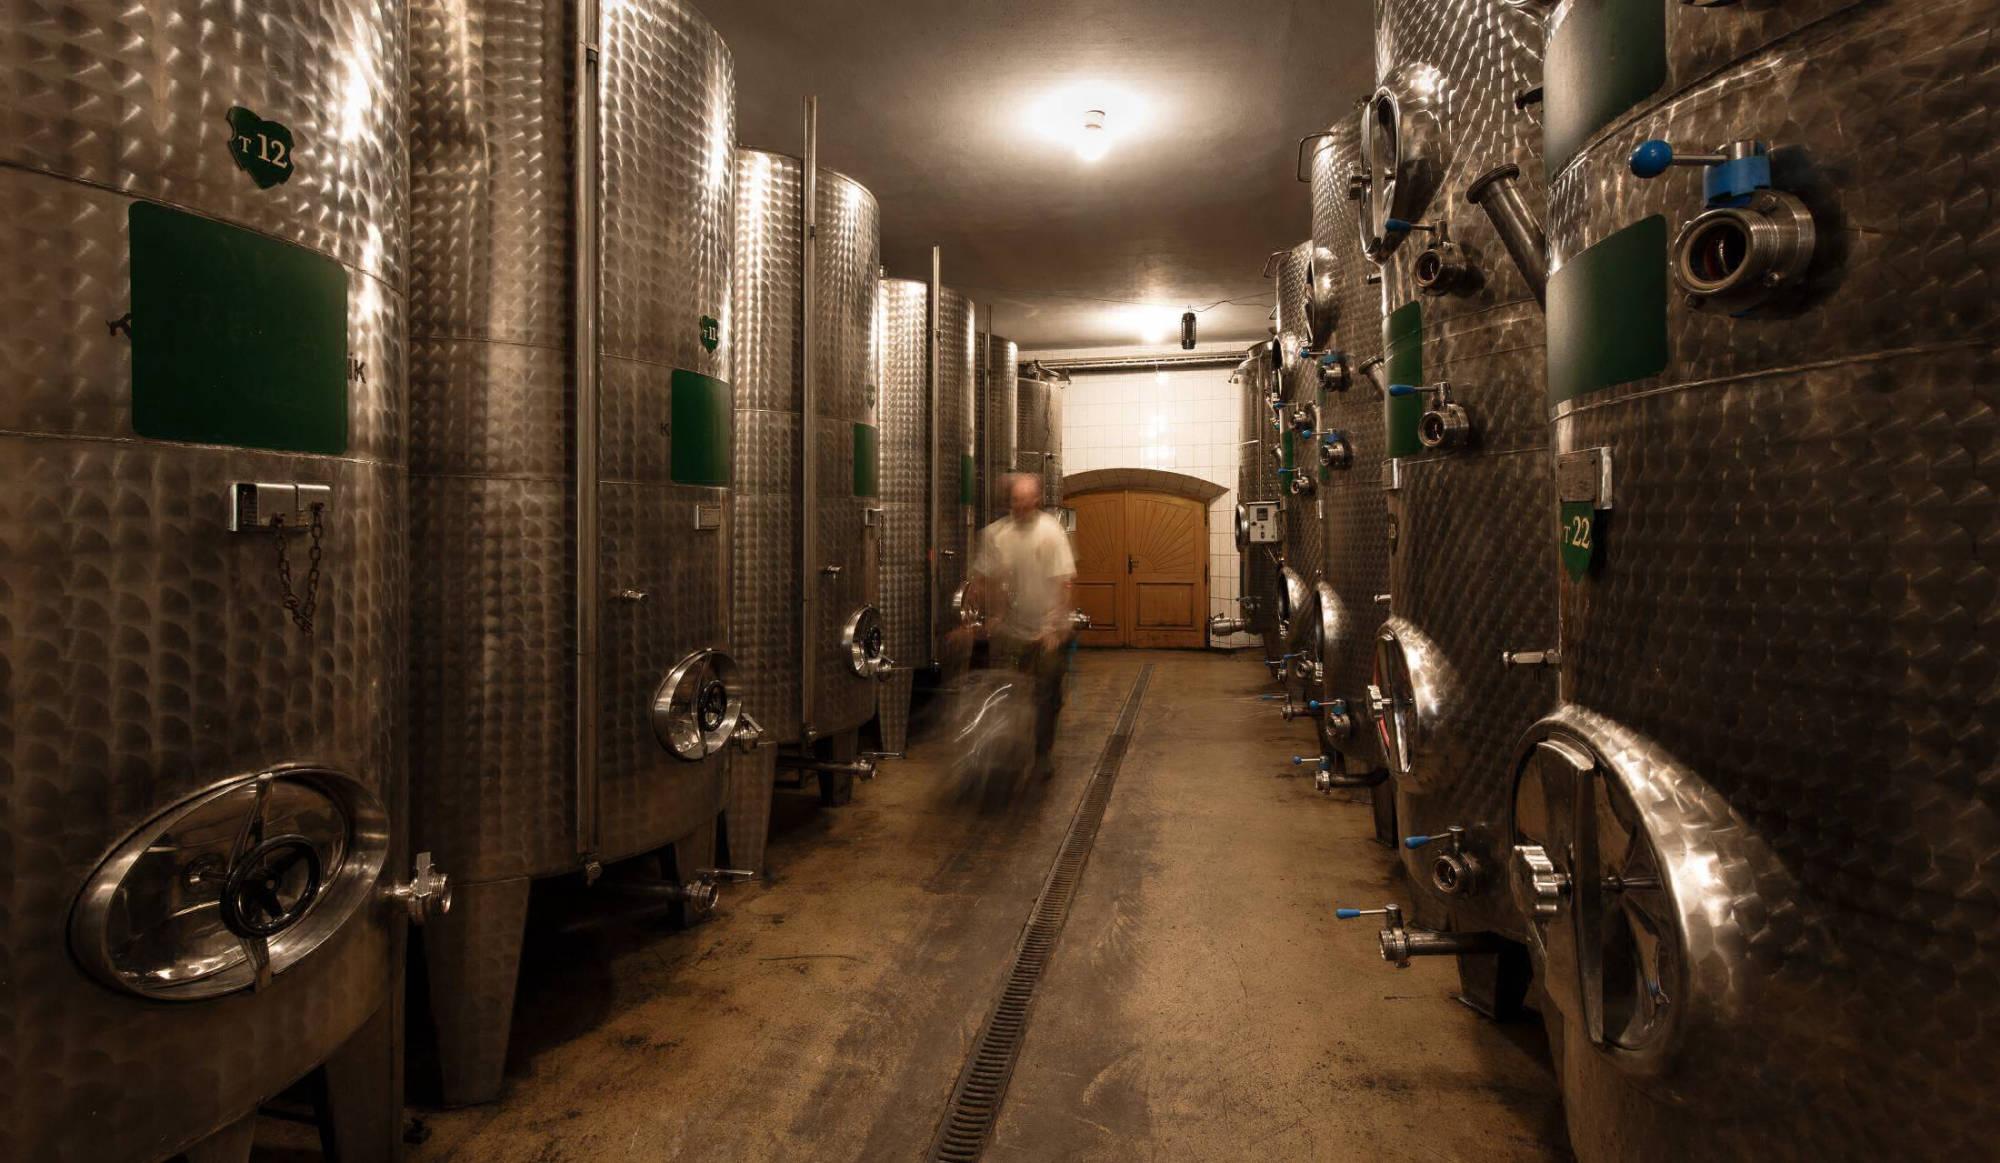 Vinařství Dobrovolný - sklep tanky